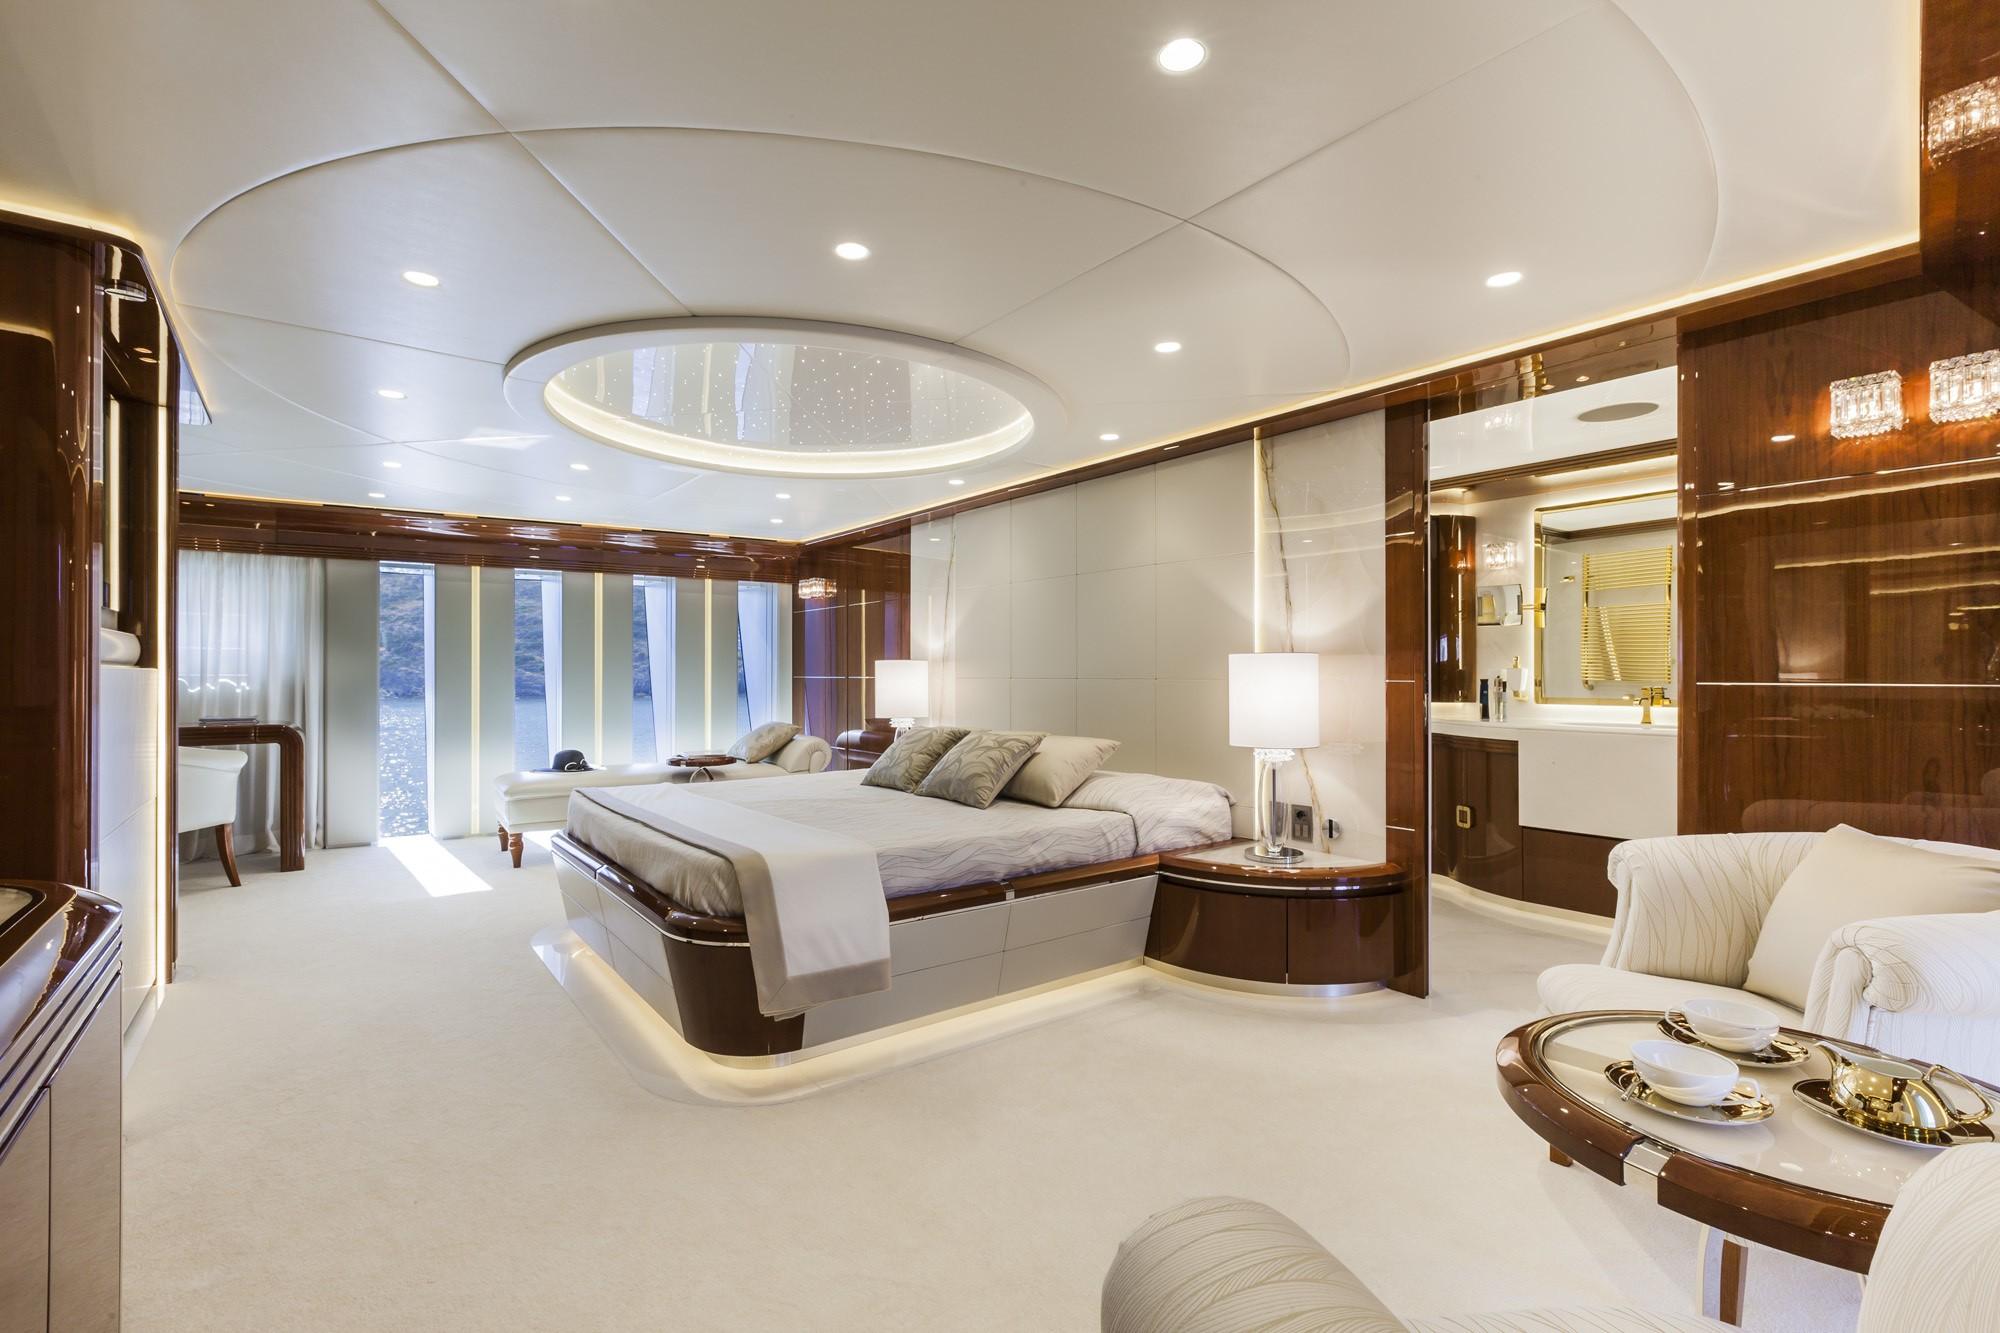 Sfondi : barca, finestra, camera, interno, veicolo, sedia, lampada ...